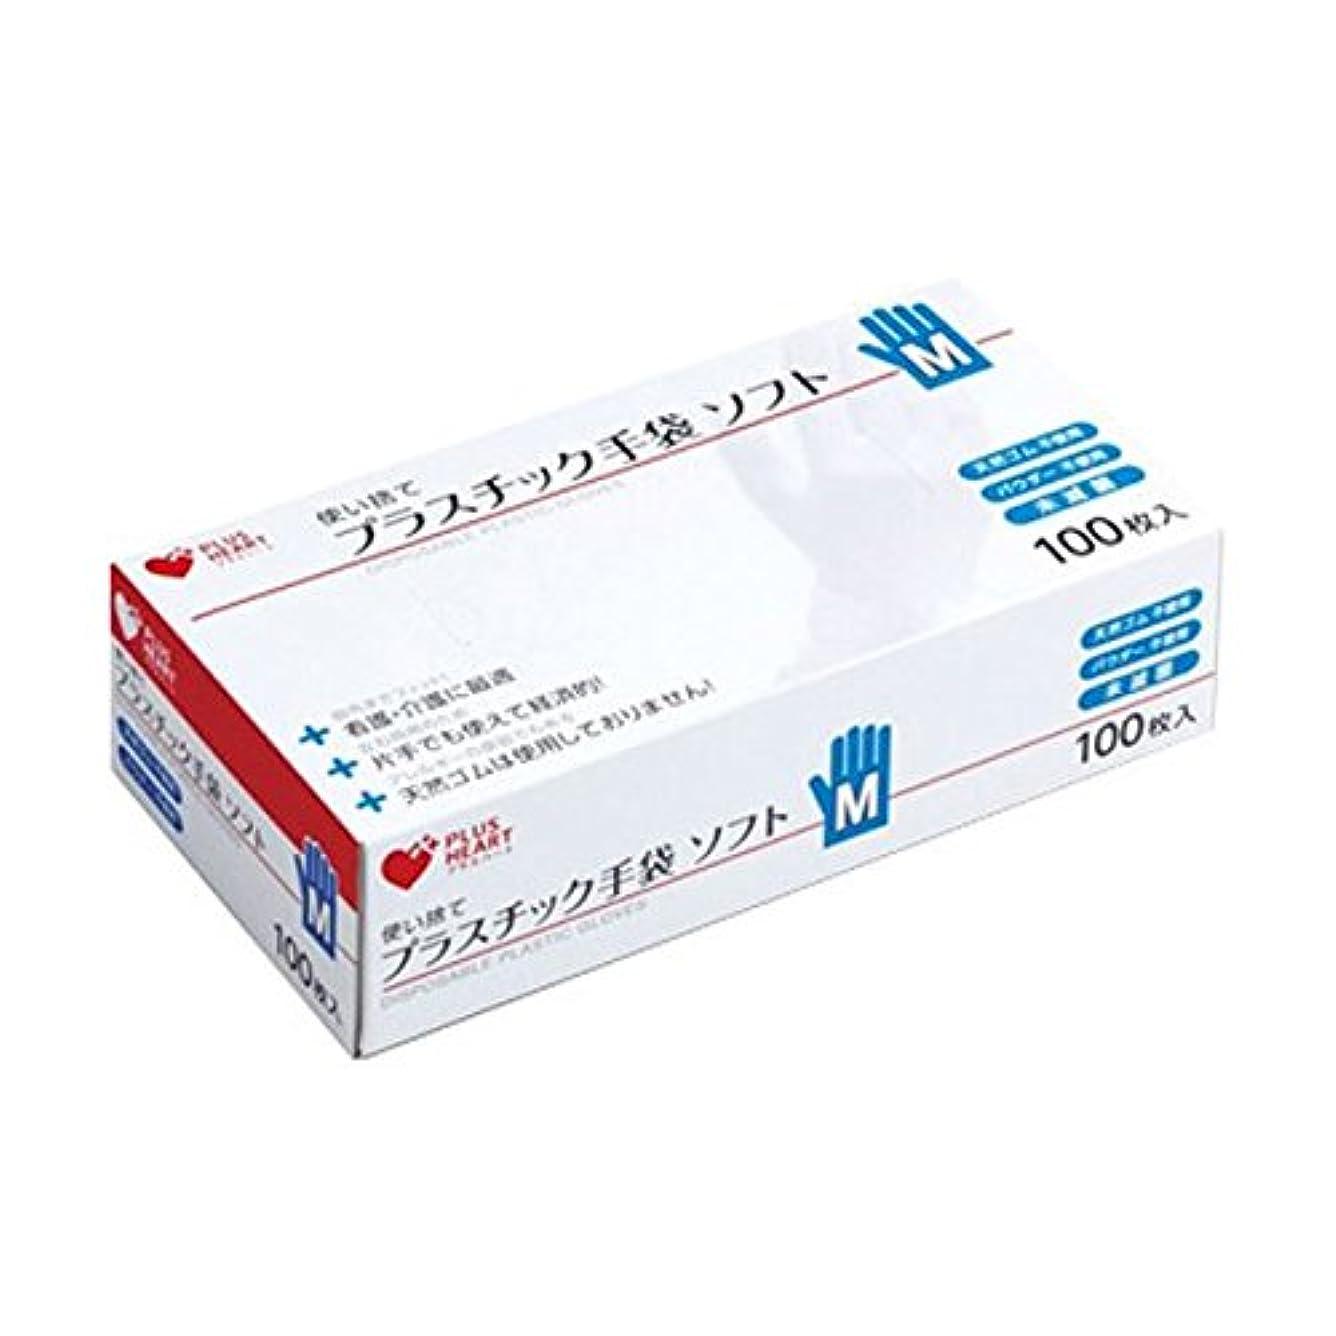 西部メロドラマ上流の【お徳用 2 セット】 プラスハート 使い捨てプラスチック手袋 ソフト Mサイズ 100枚入×2セット